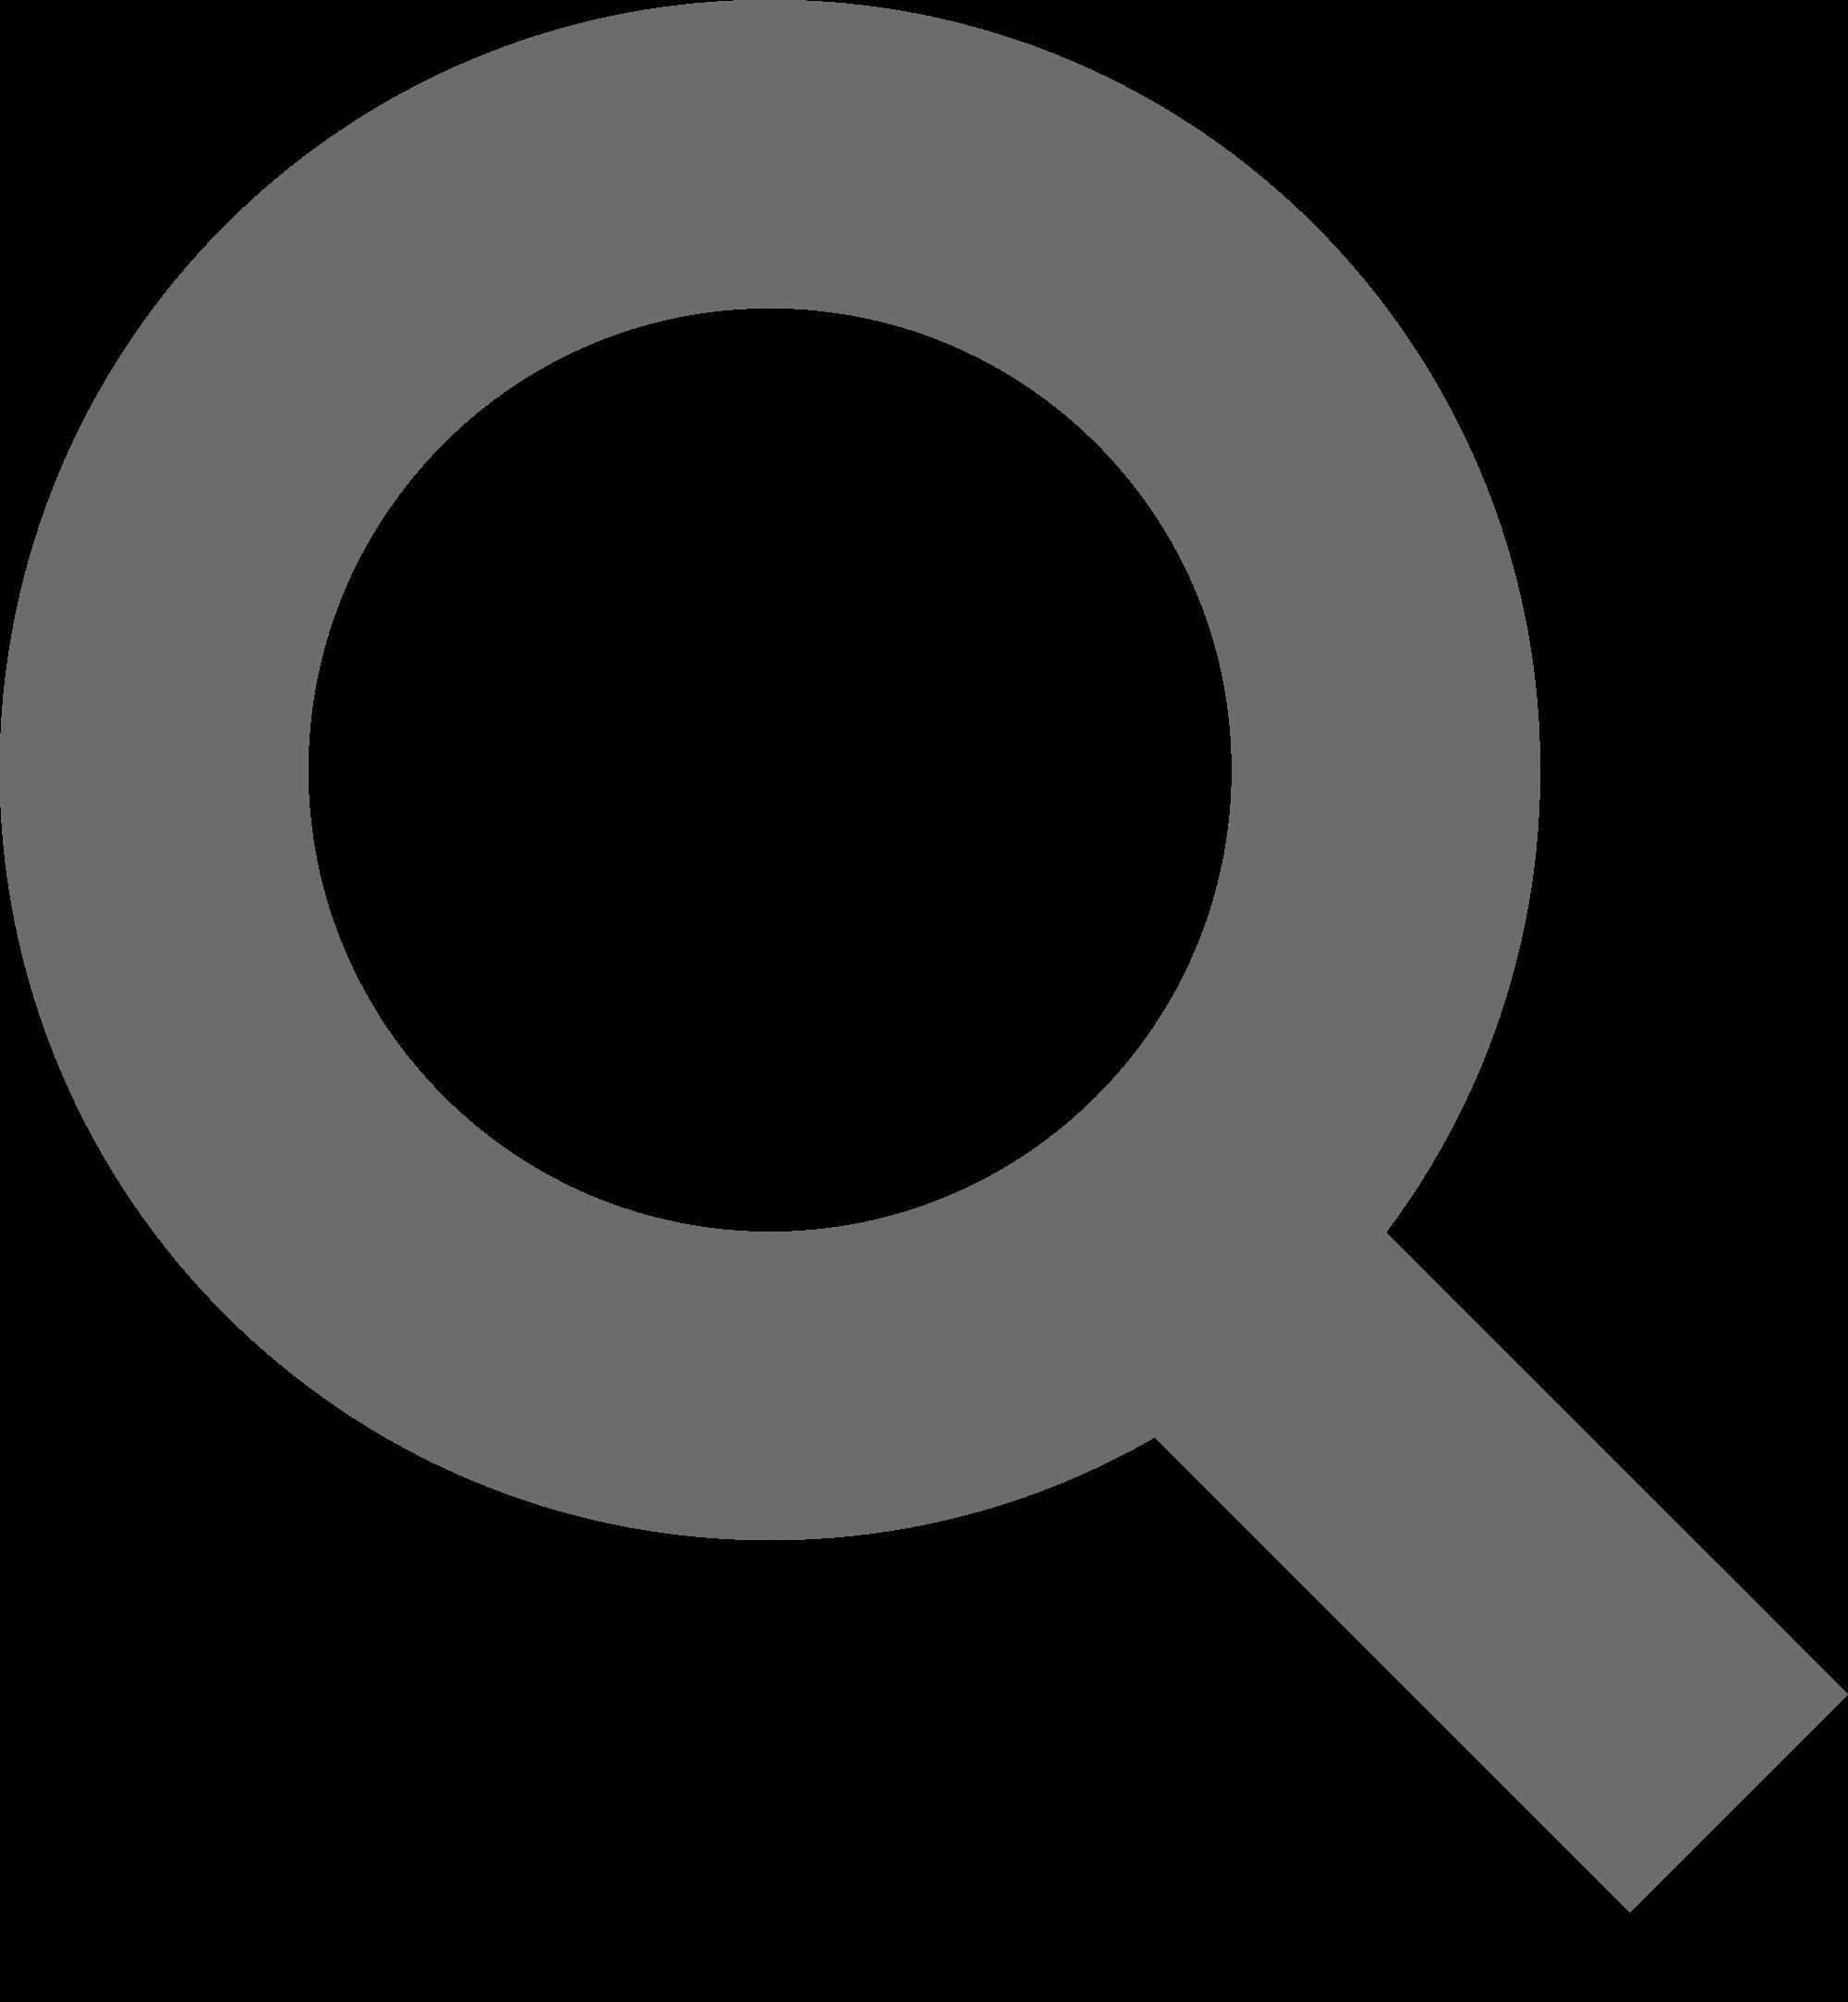 2000x2167 Filevector Search Icon.svg